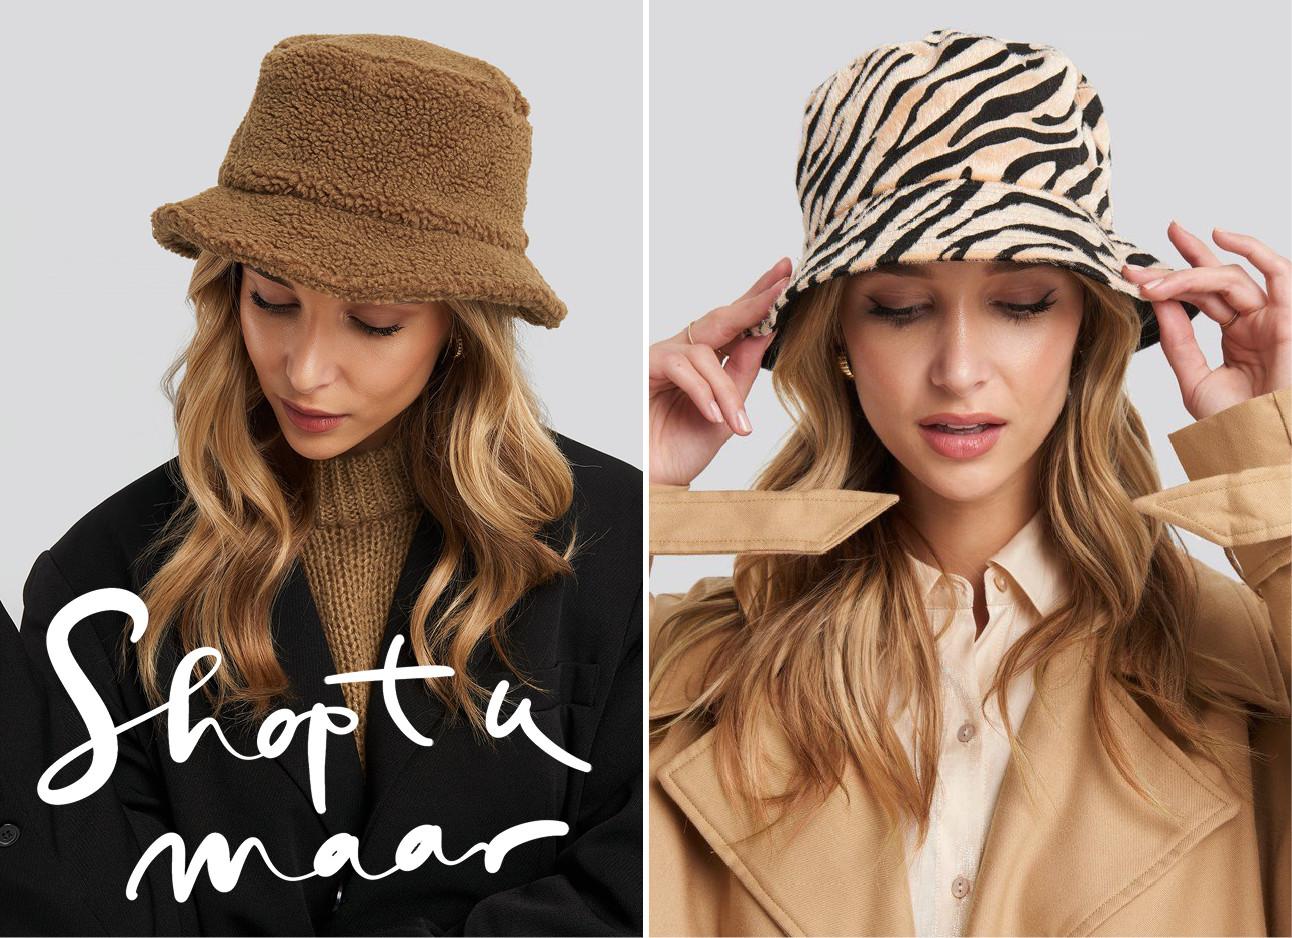 Meiden die pluizige buckethats dragen in verschillende kleuren en tinten